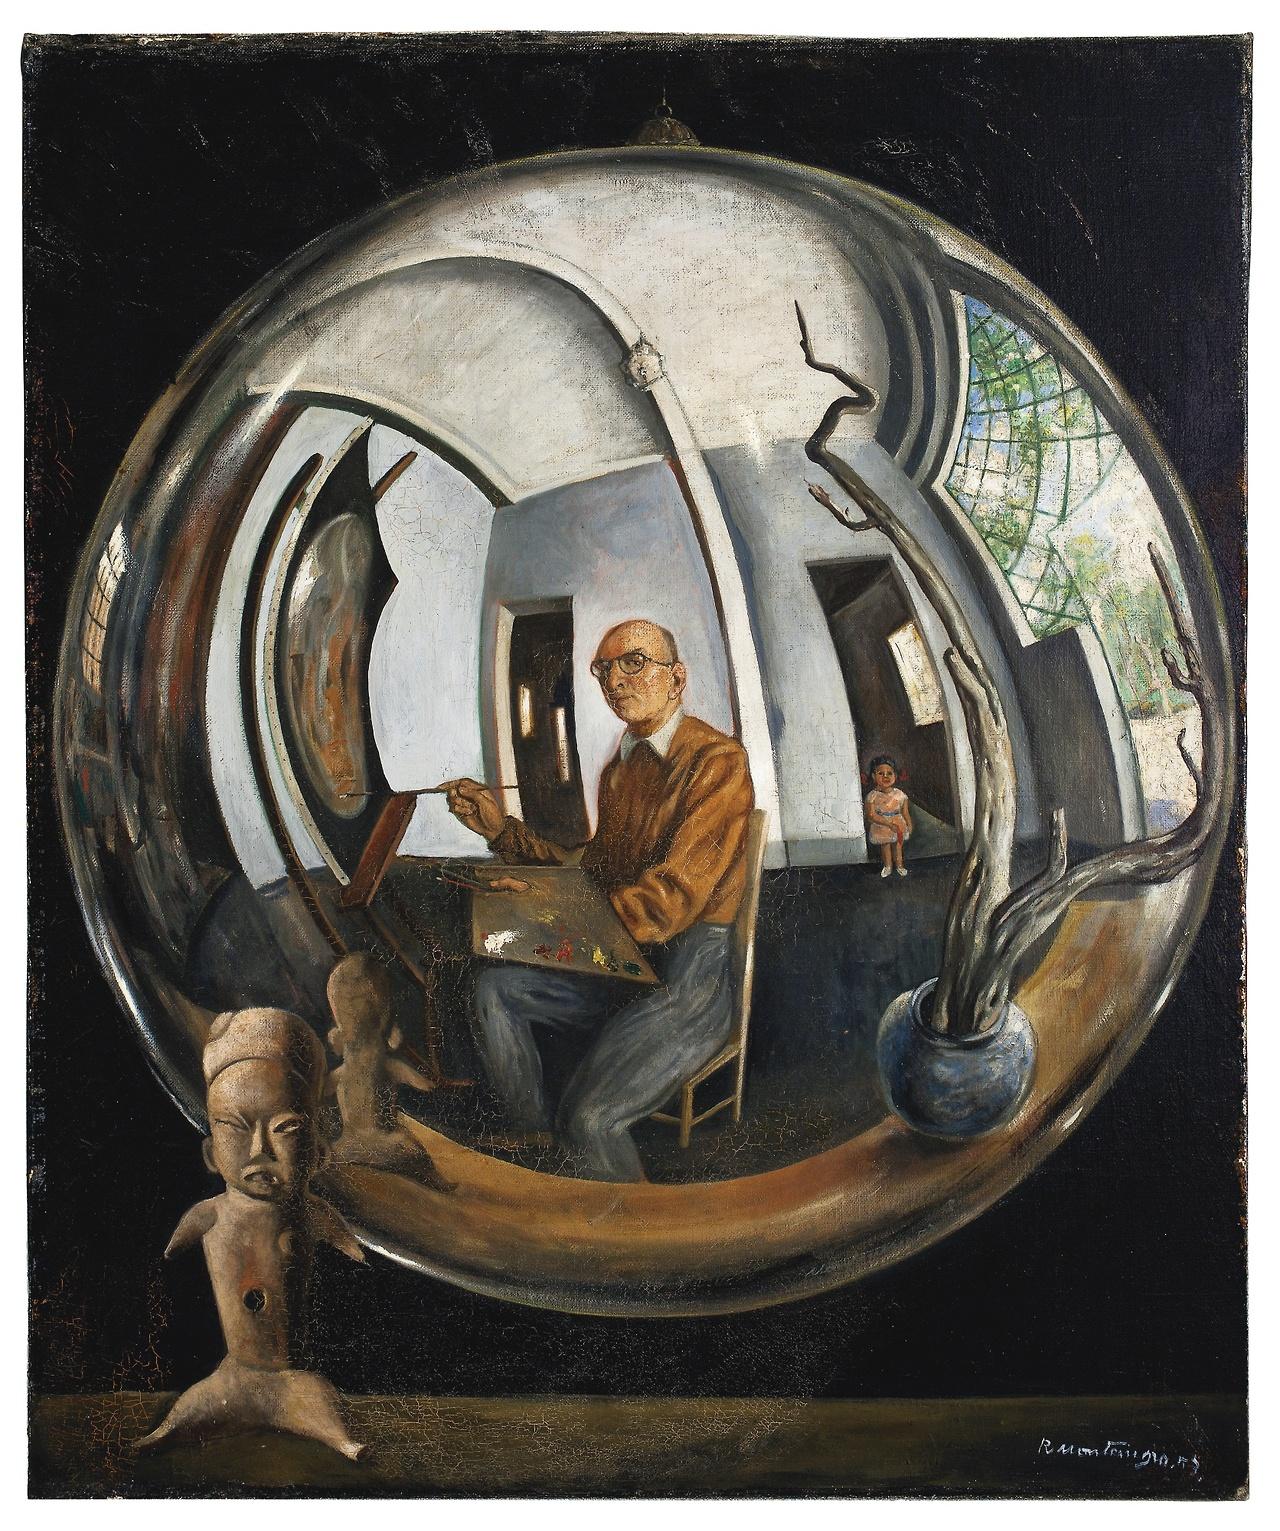 Roberto MONTENEGRO 1953 autoportrait dans une sphere